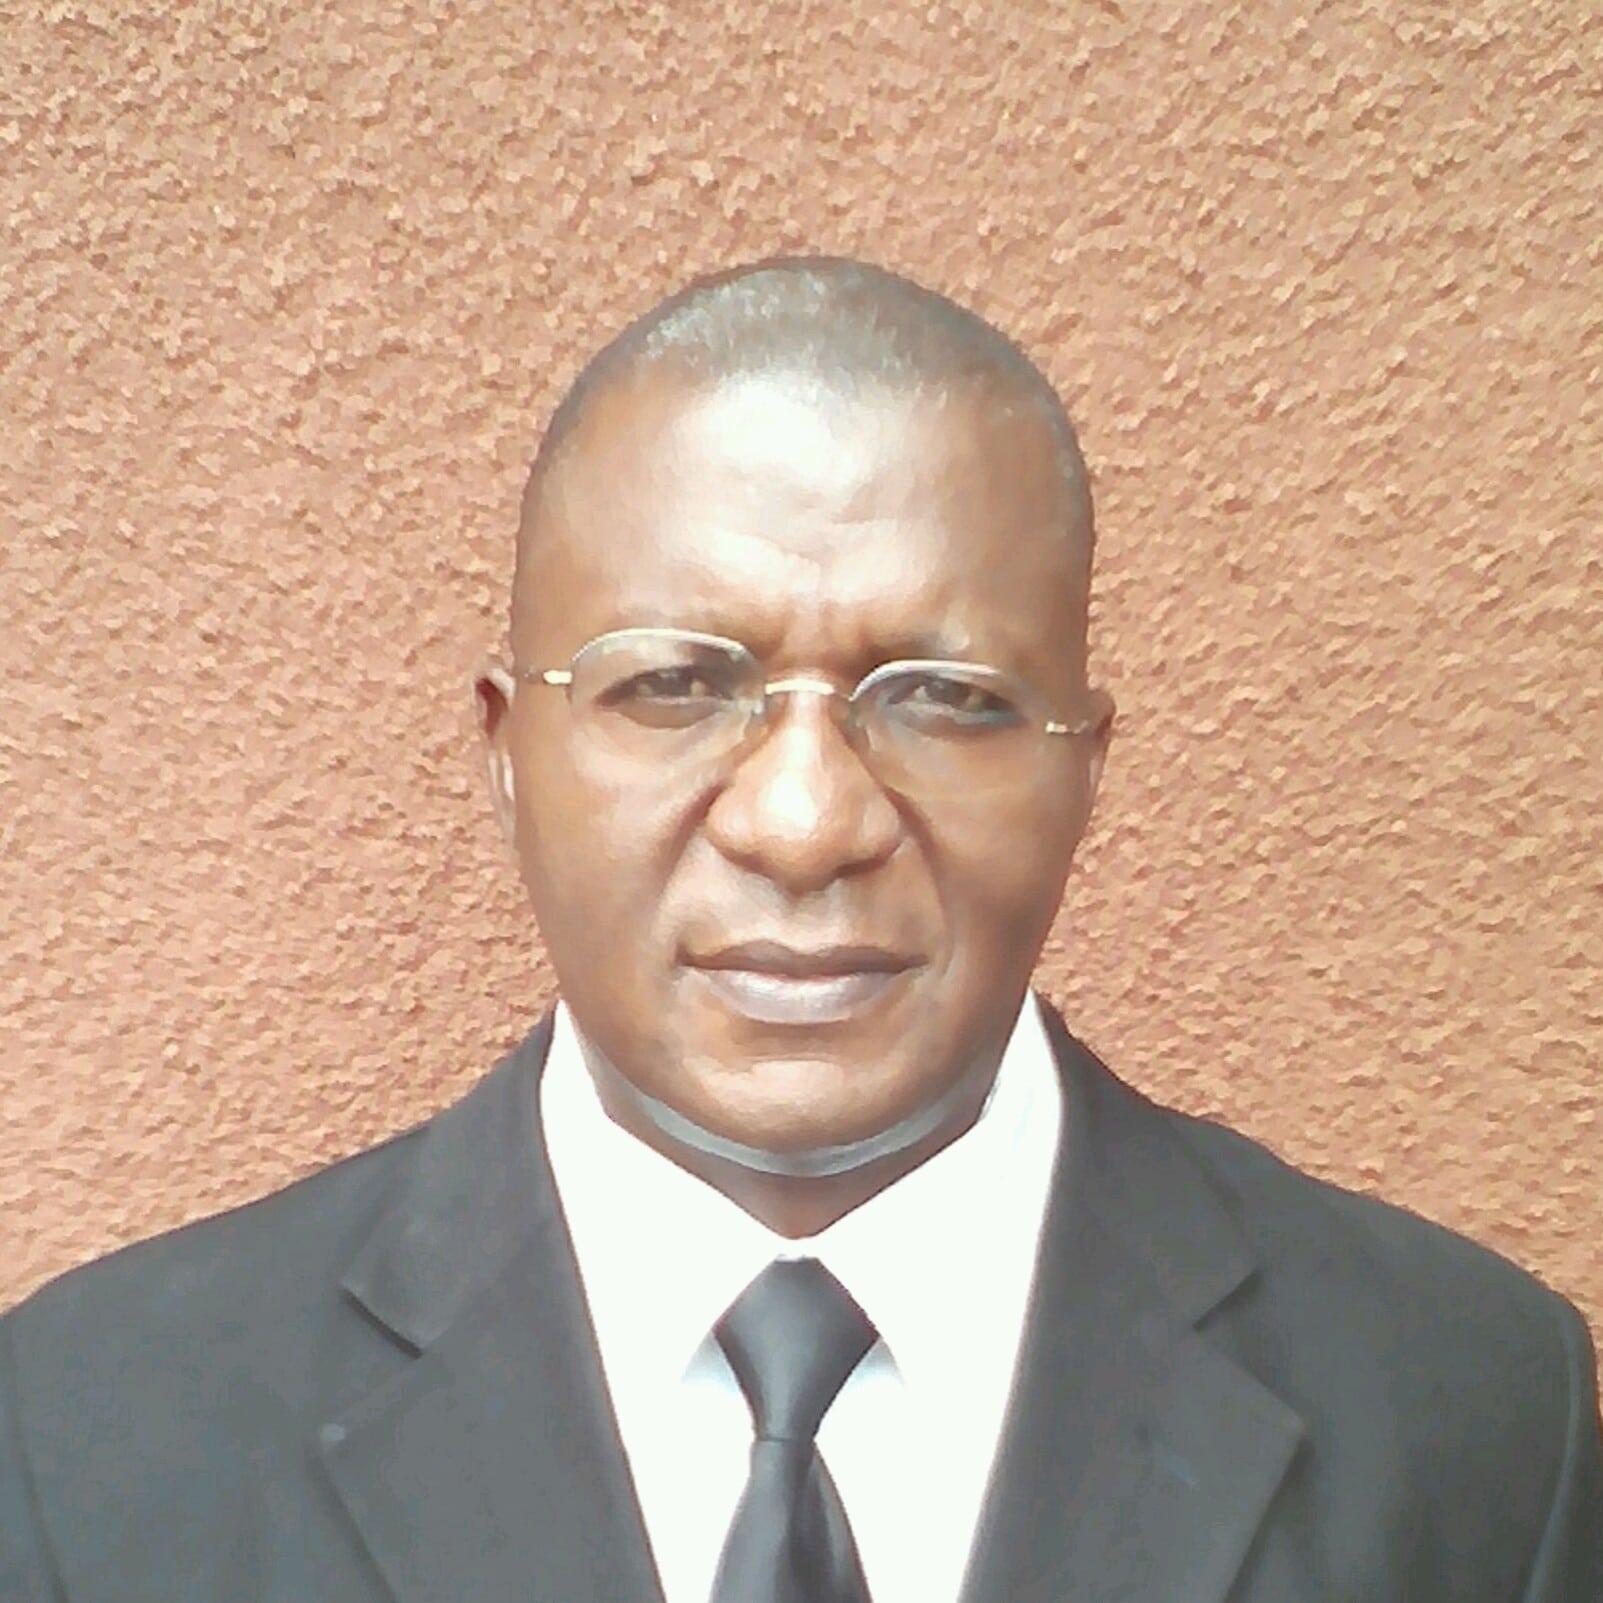 Tommy Mhango